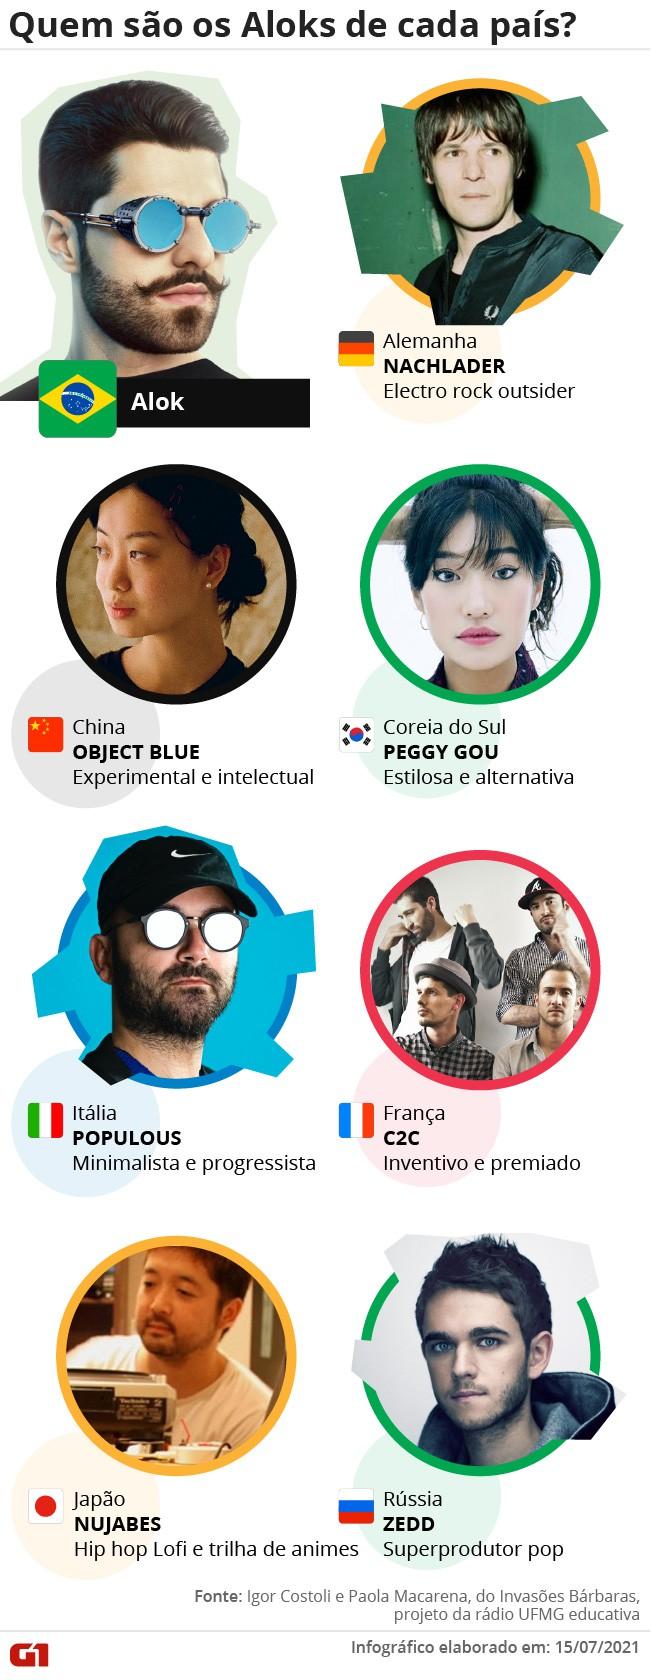 Anitta italiana, Racionais coreano, Legião russo... quais os hits mais ouvidos nas potências olímpicas